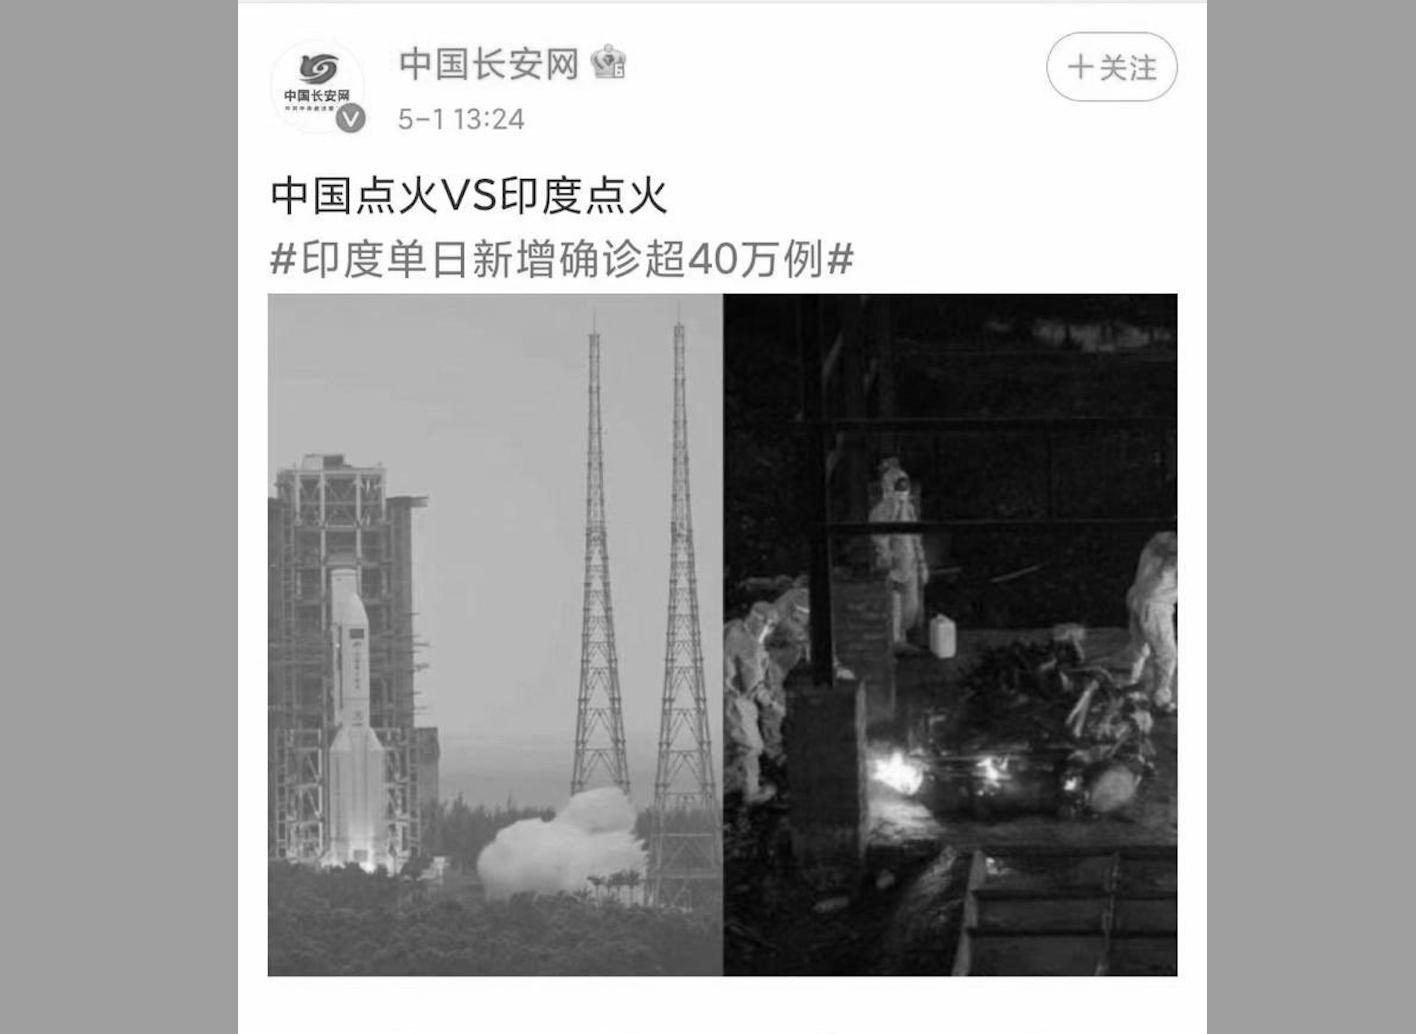 2021年5月1日,中共政法委新聞網站官方微博「中國長安網」發合成圖嘲諷印度疫情嚴重,引發中國大陸及海外網民憤怒。(微博截圖)